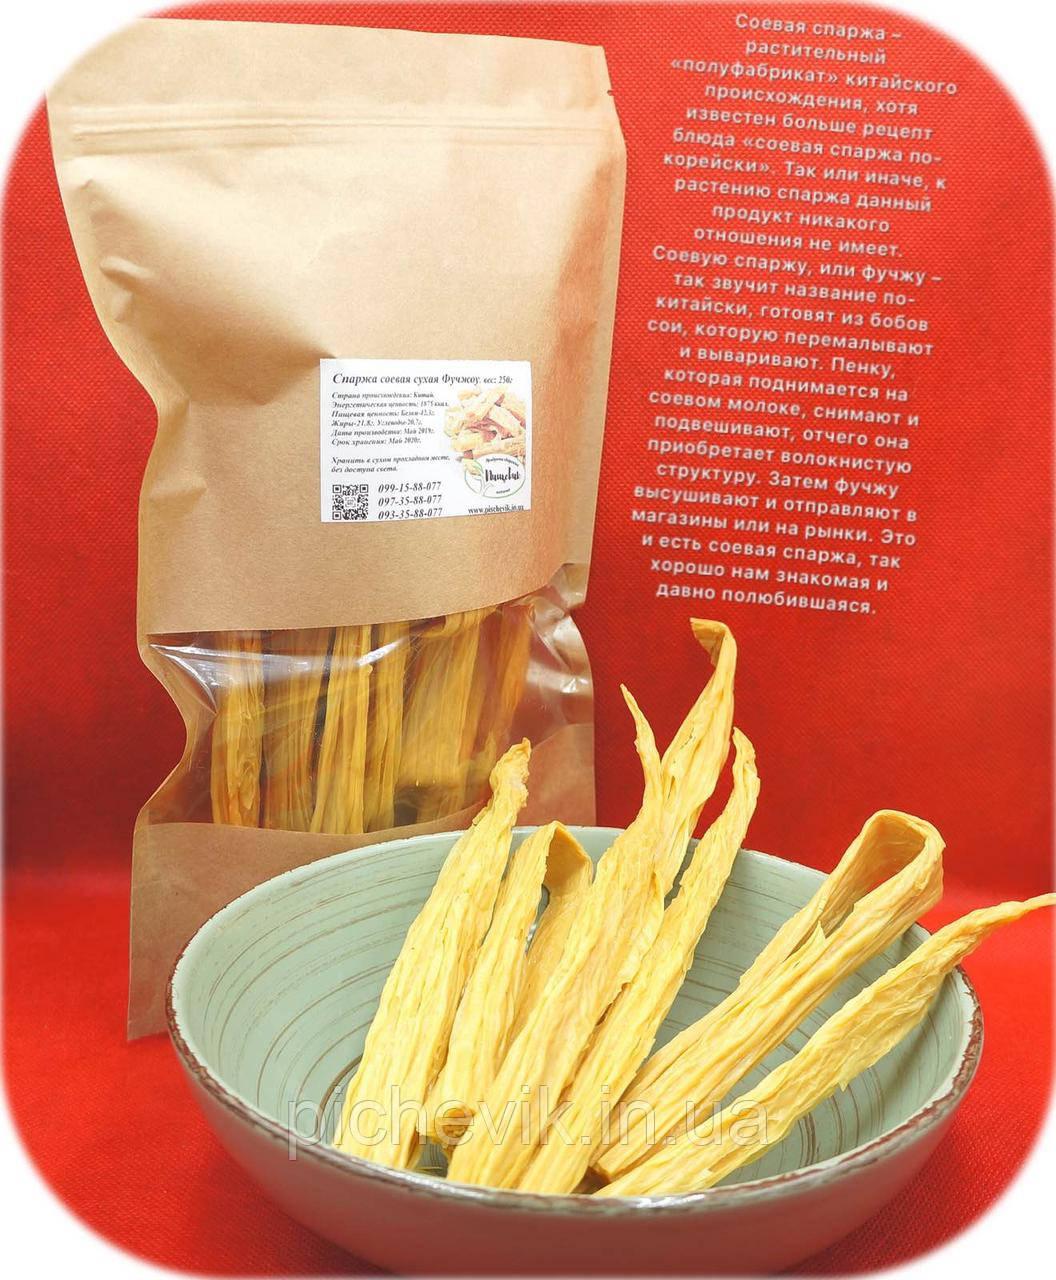 Спаржа соевая сушеная Фучжу (Китай) Вес: 500 гр